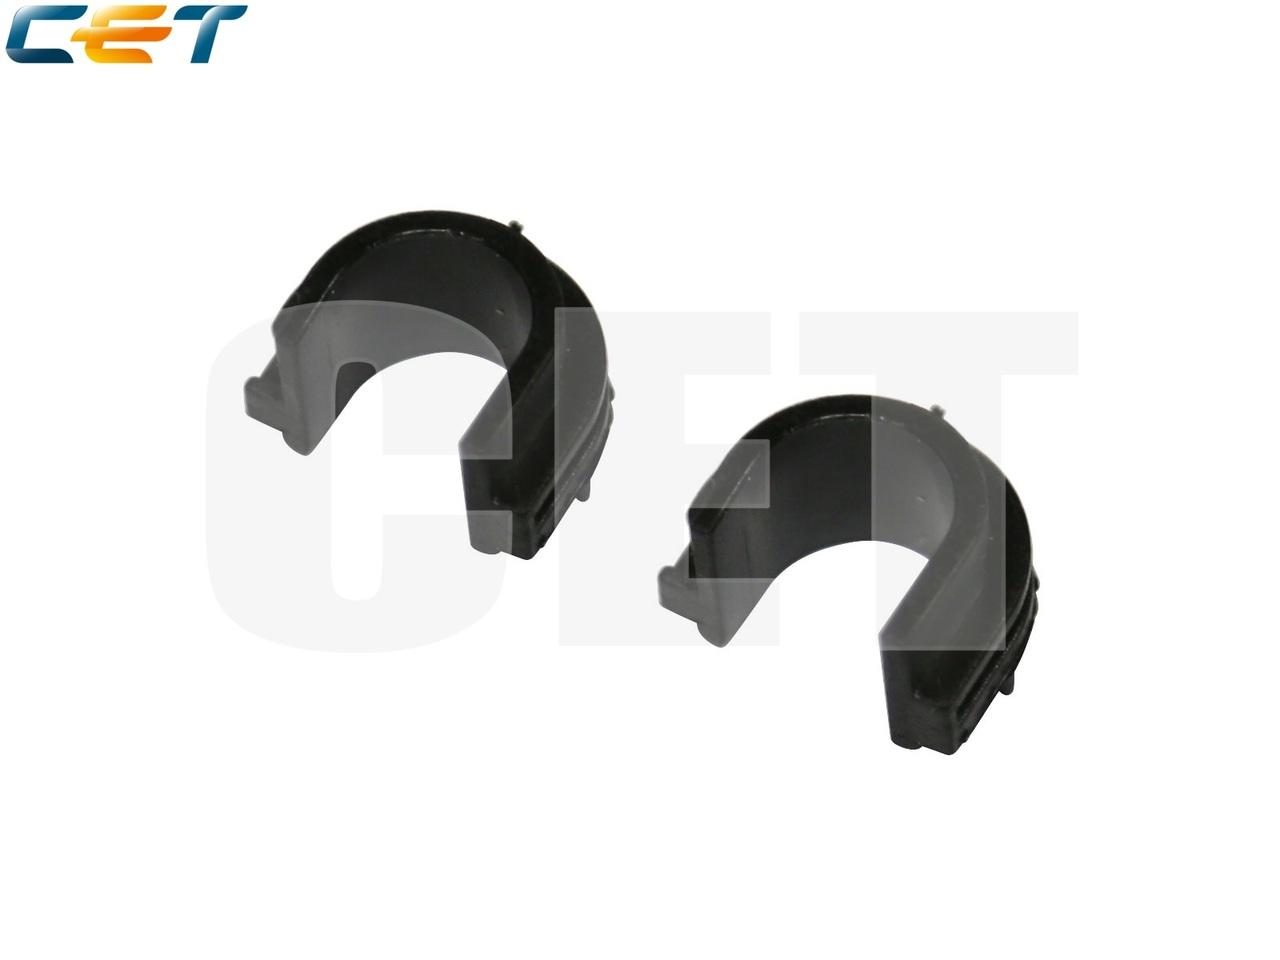 Бушинг резинового вала для HP LaserJet ProM402/403/M426/427 (CET), CET3108